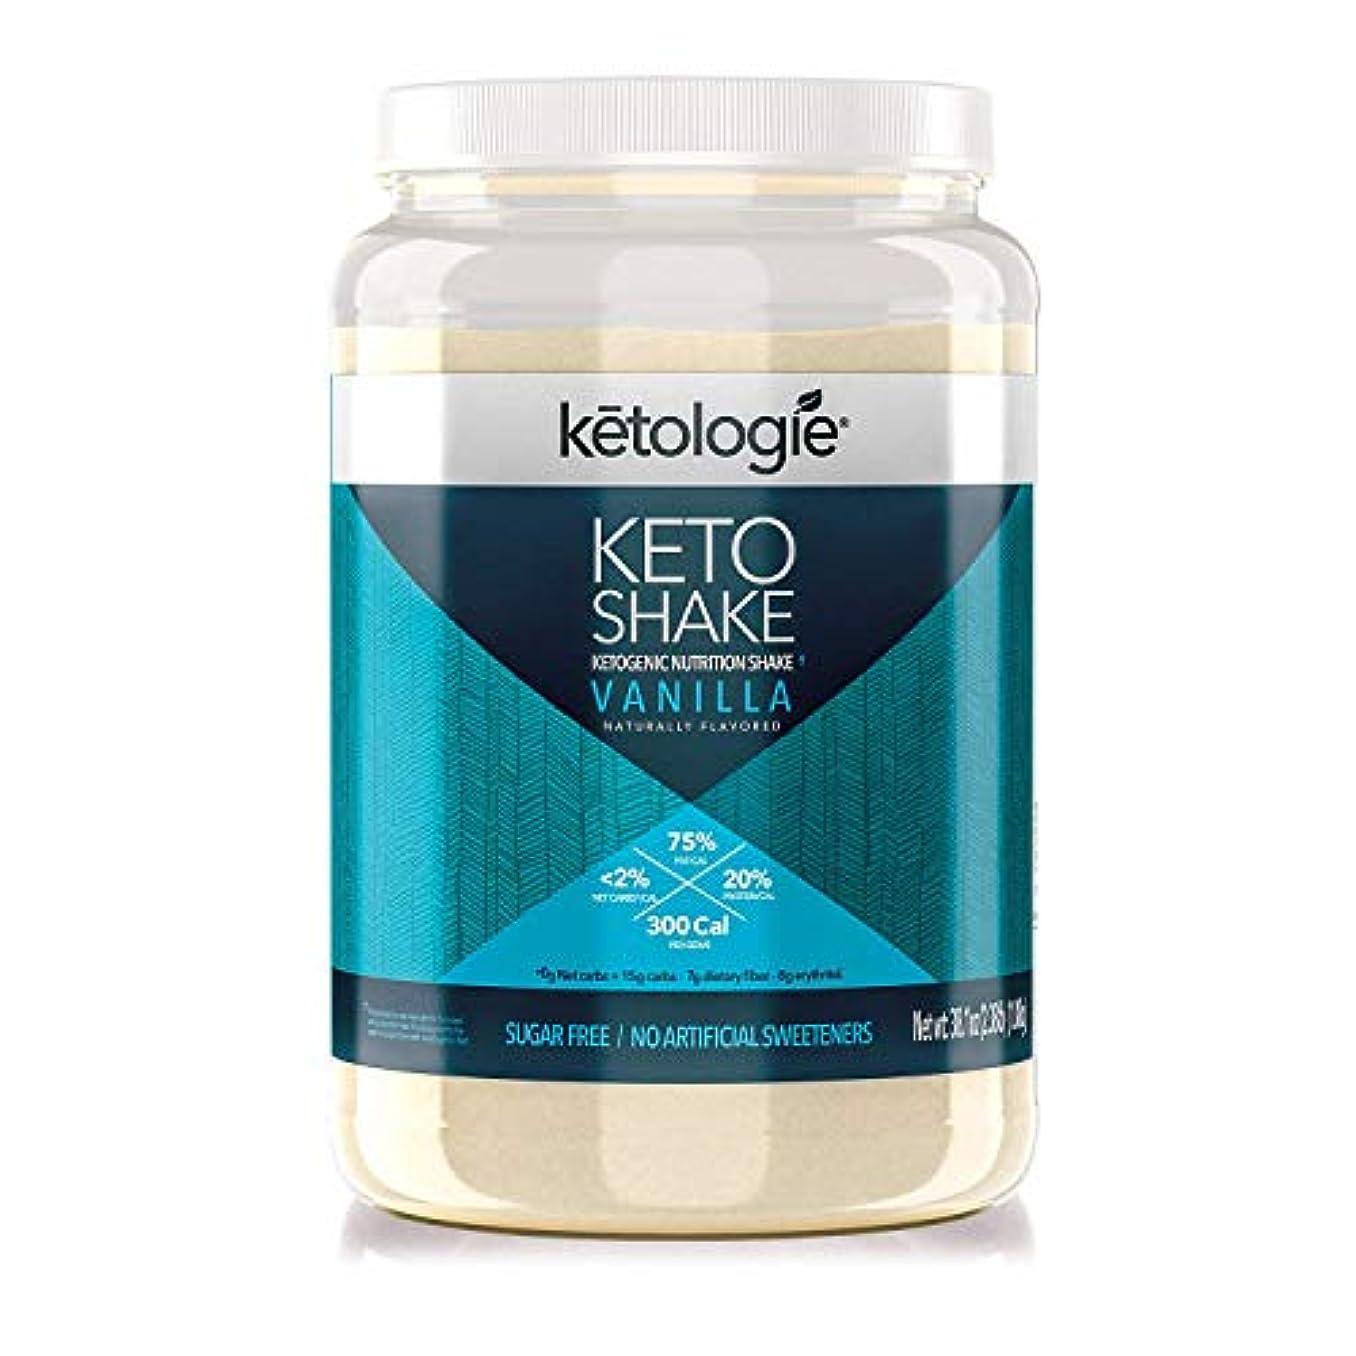 候補者流暢によって[Ketologie] [コラーゲンケトシェイク(バニラ)Collagen Keto Shake (Vanilla)]